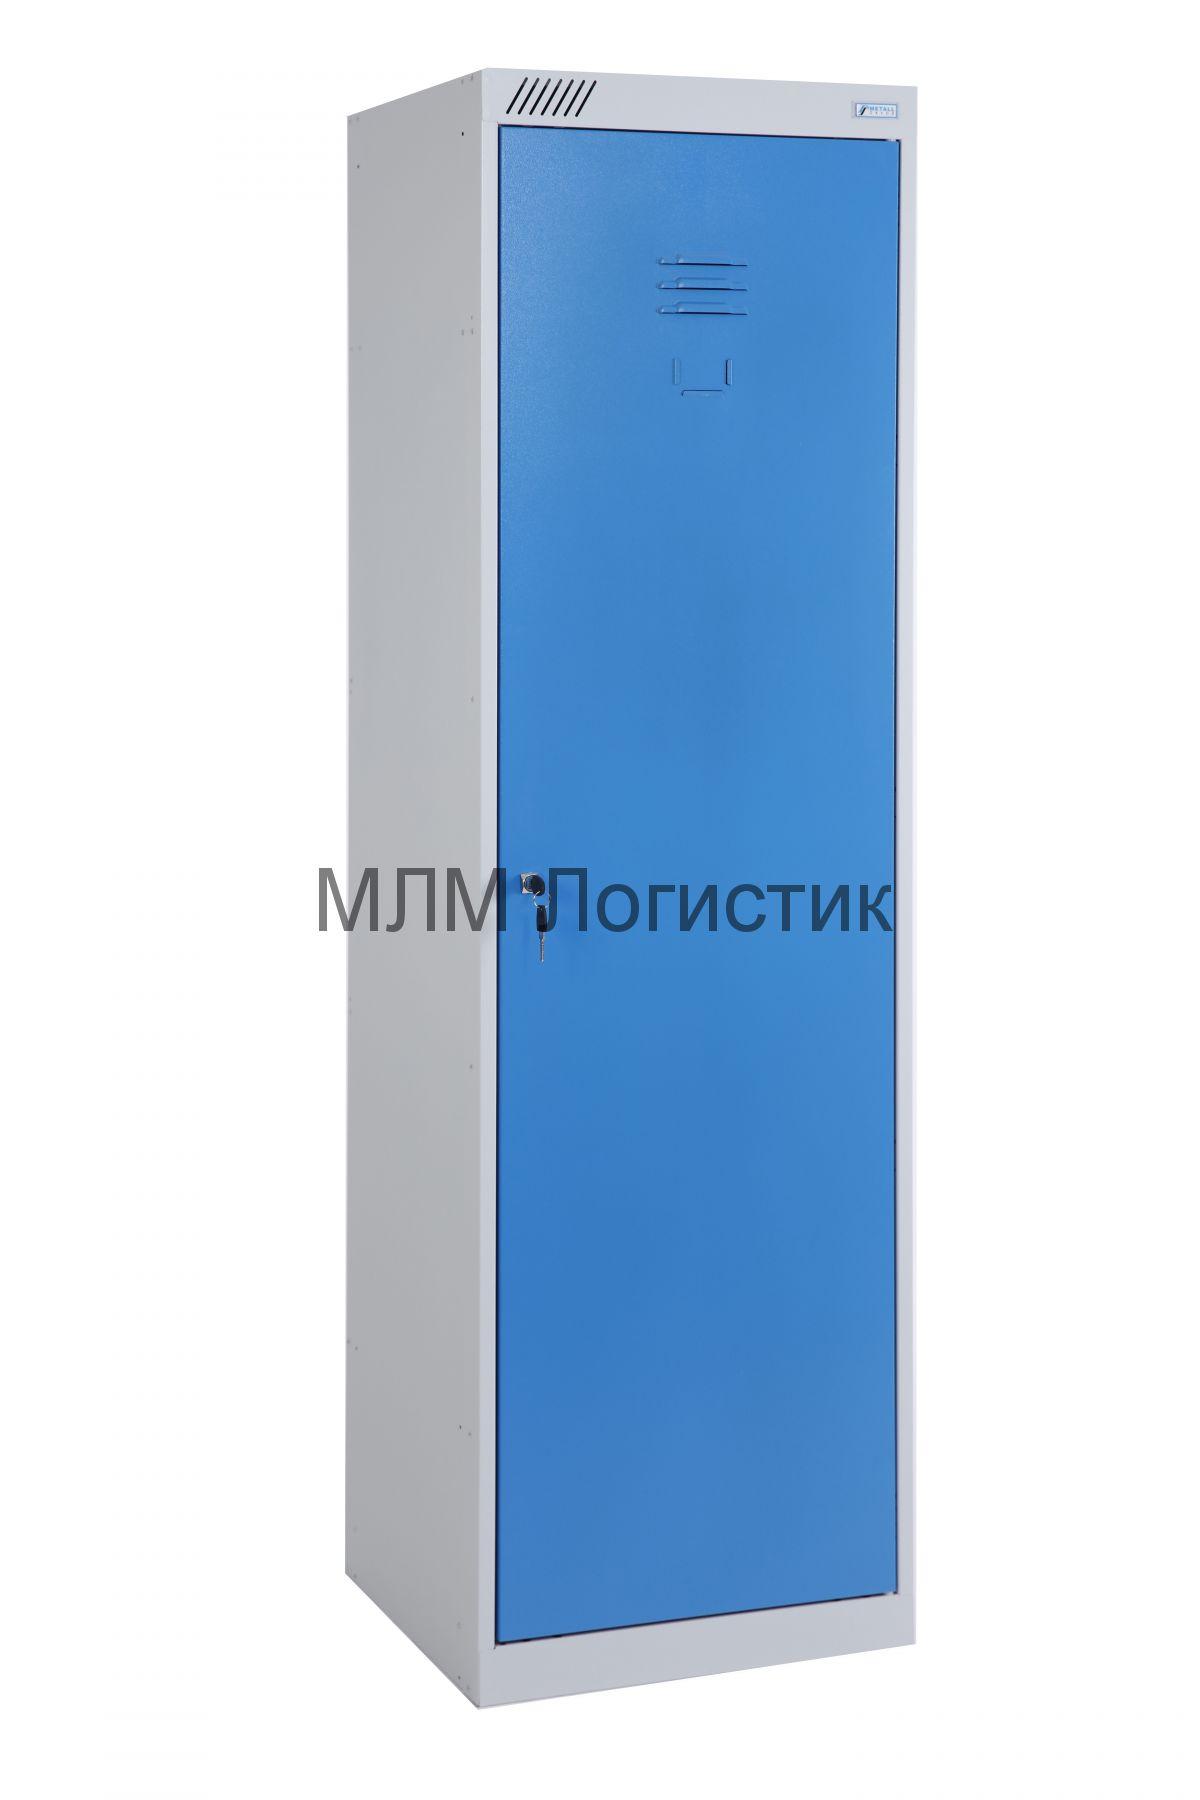 Металлические шкафы для одежды серии ШРЭК-21